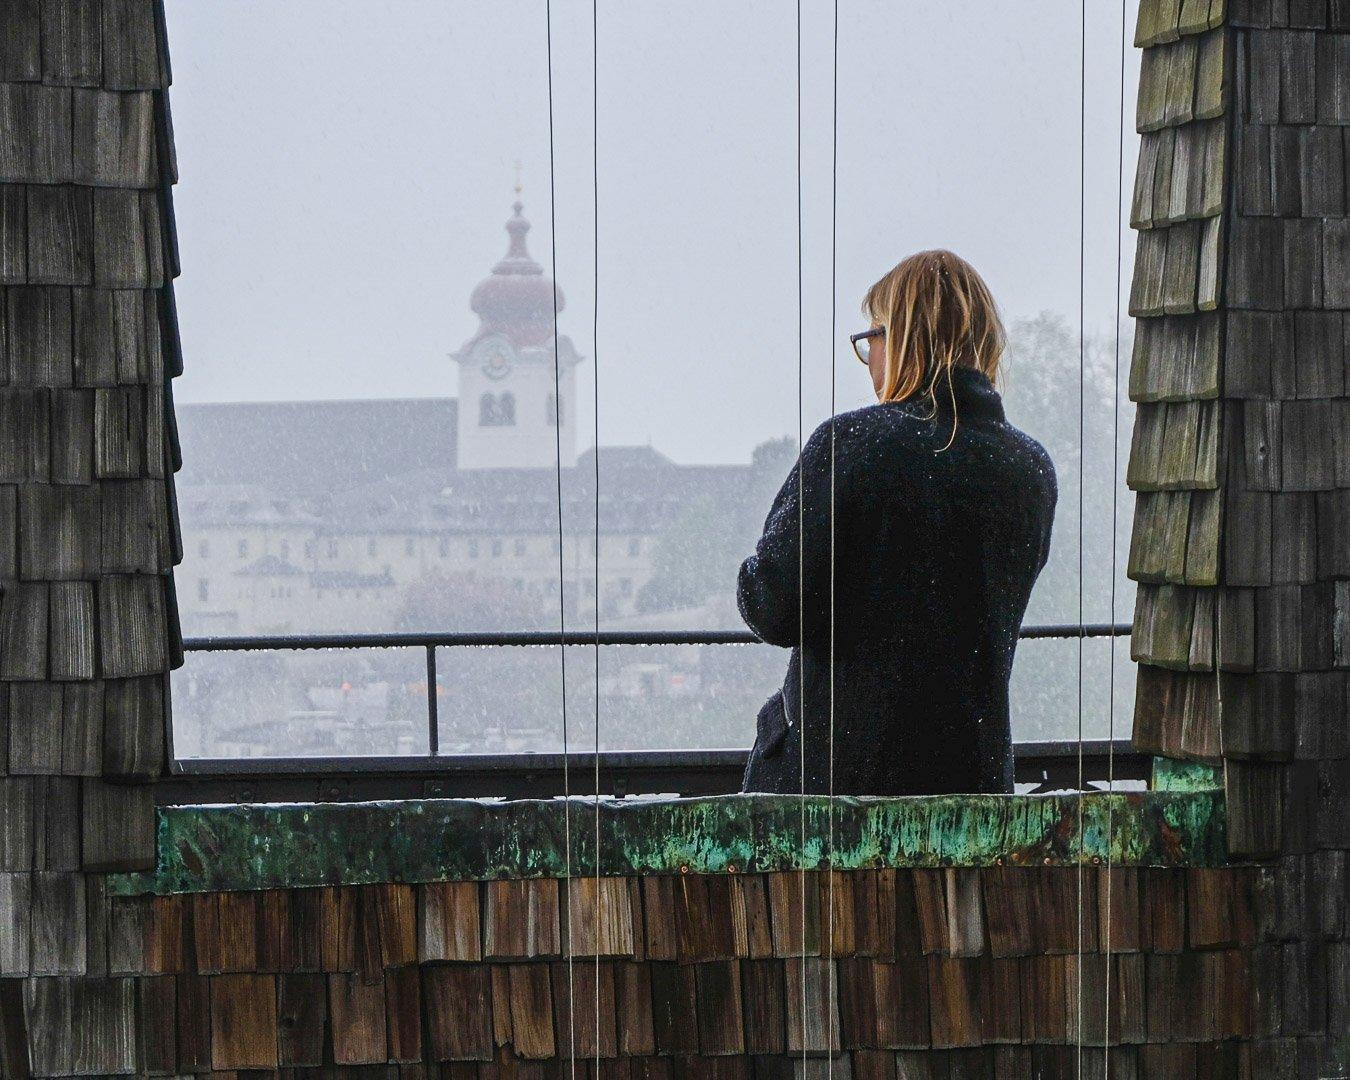 Bell Tower in Salzburg